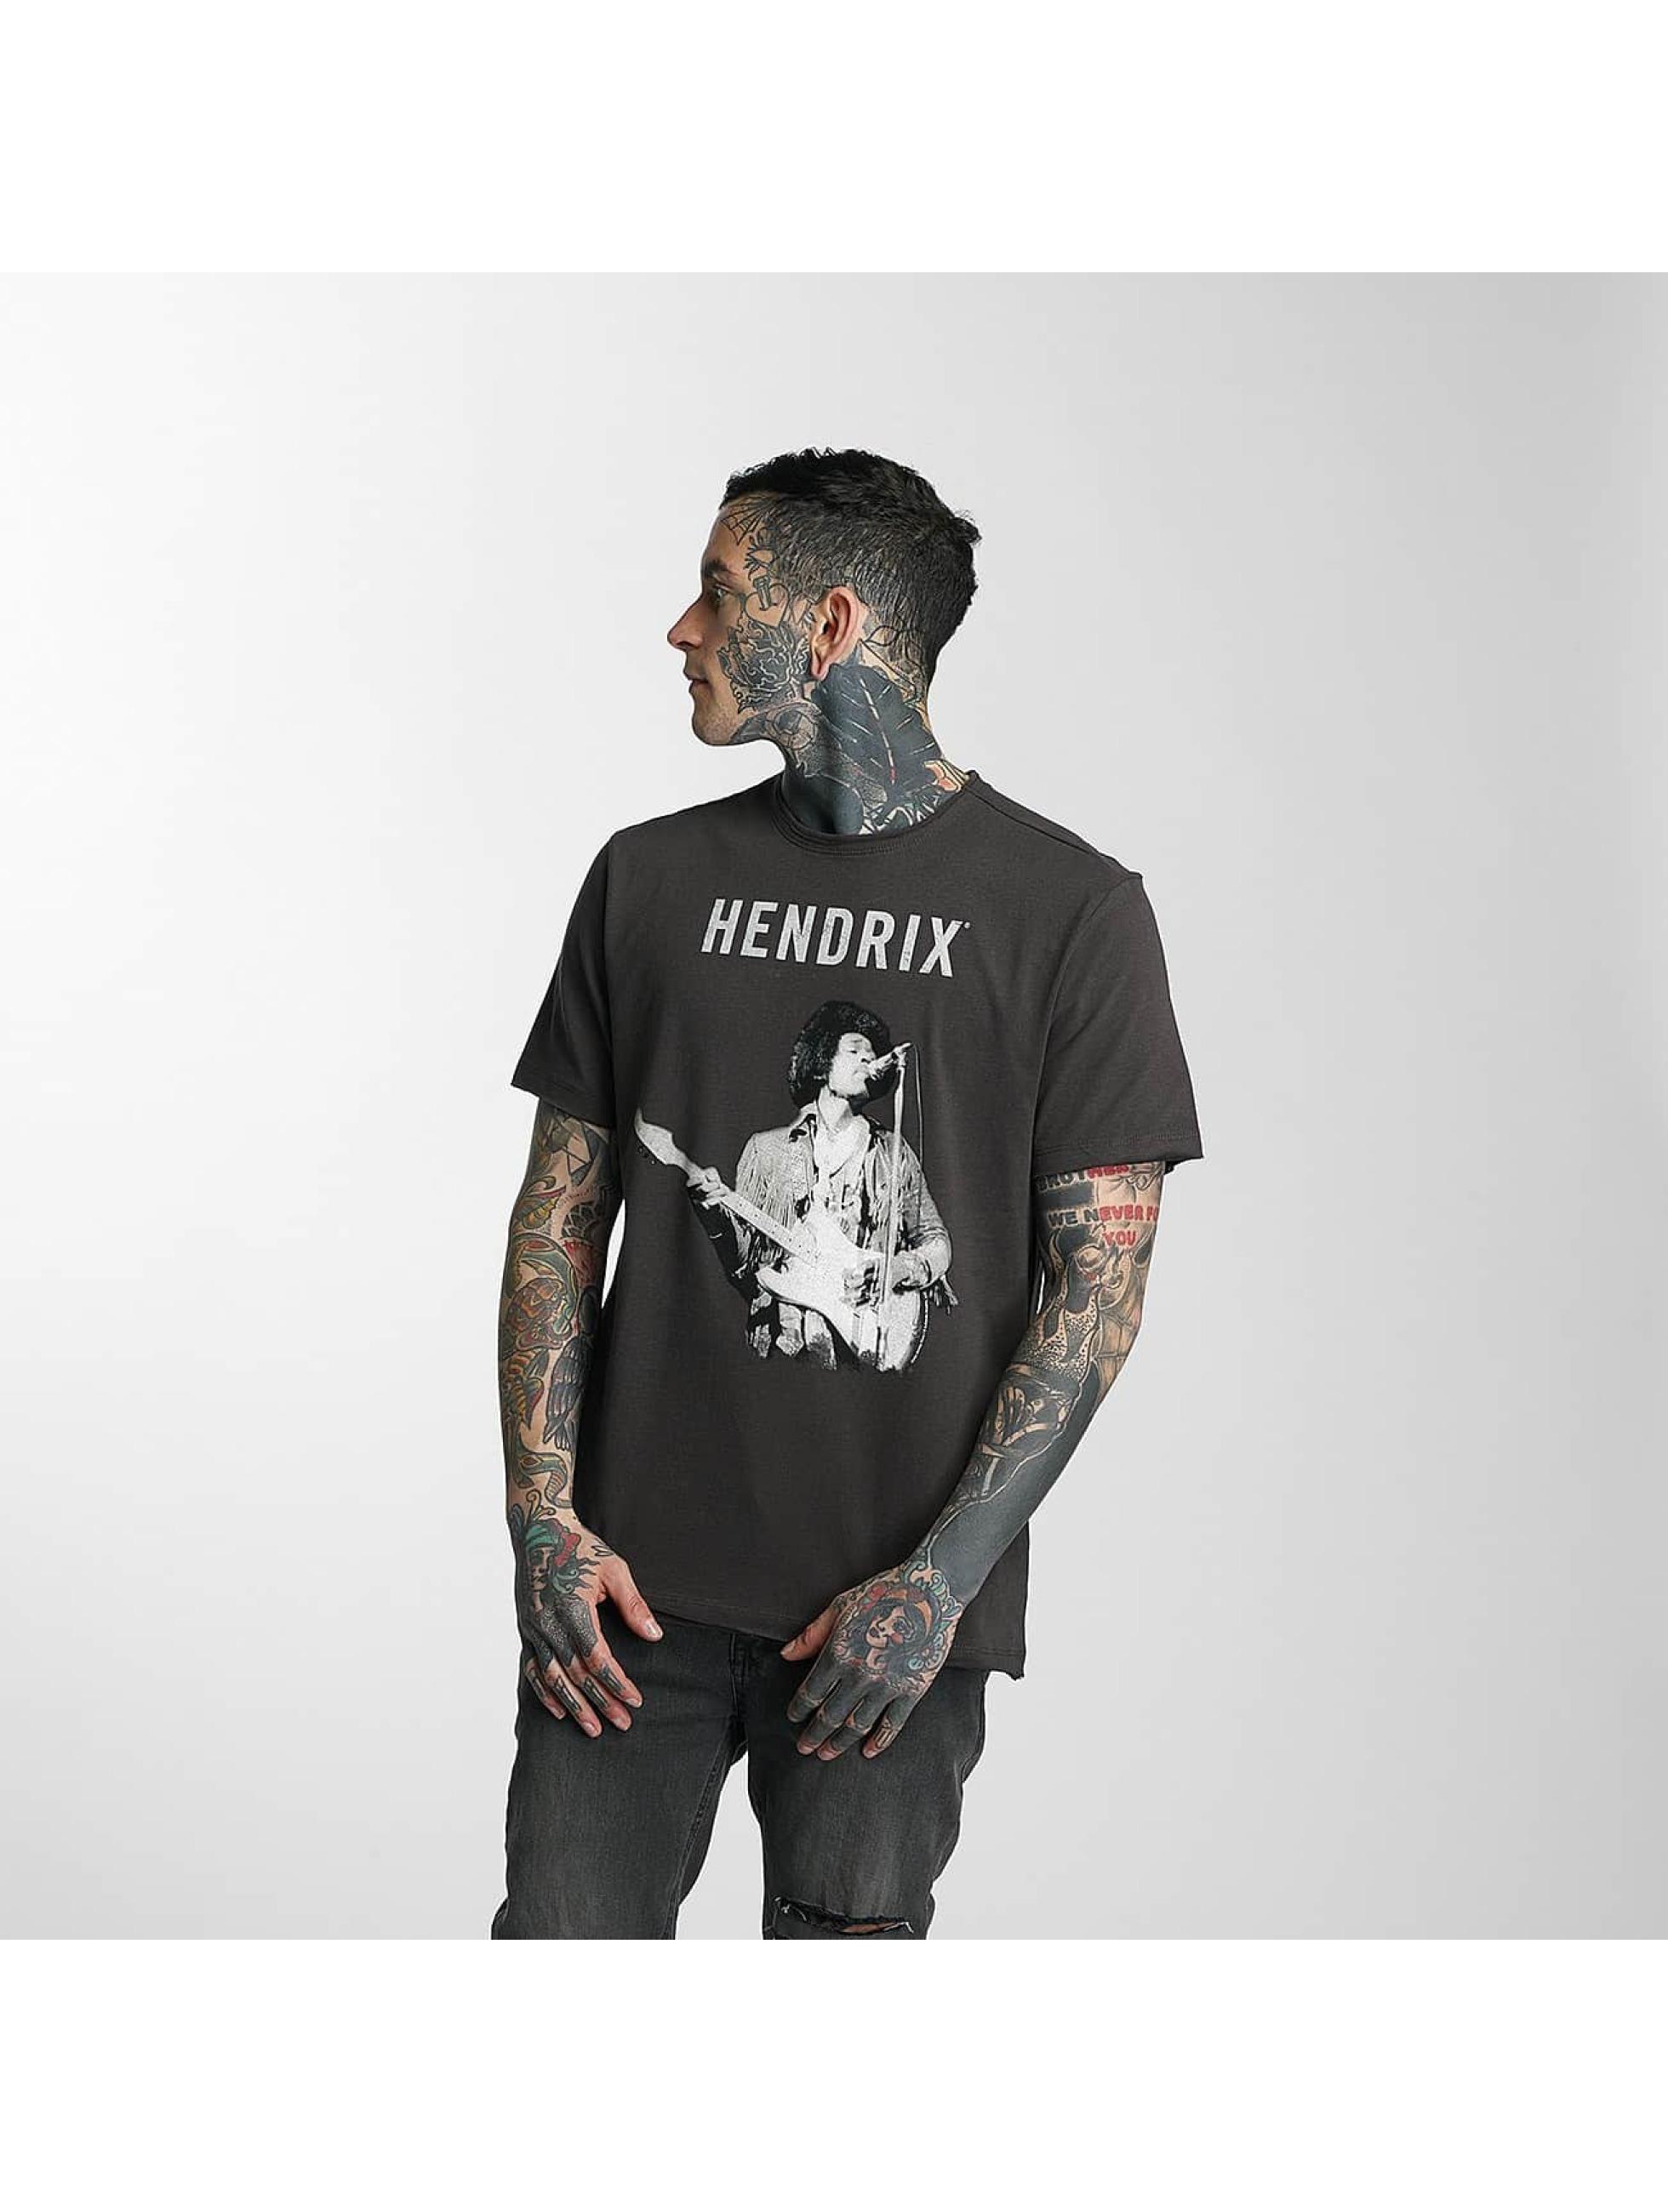 Amplified Männer T-Shirt Jimi Hendrix Experience in grau